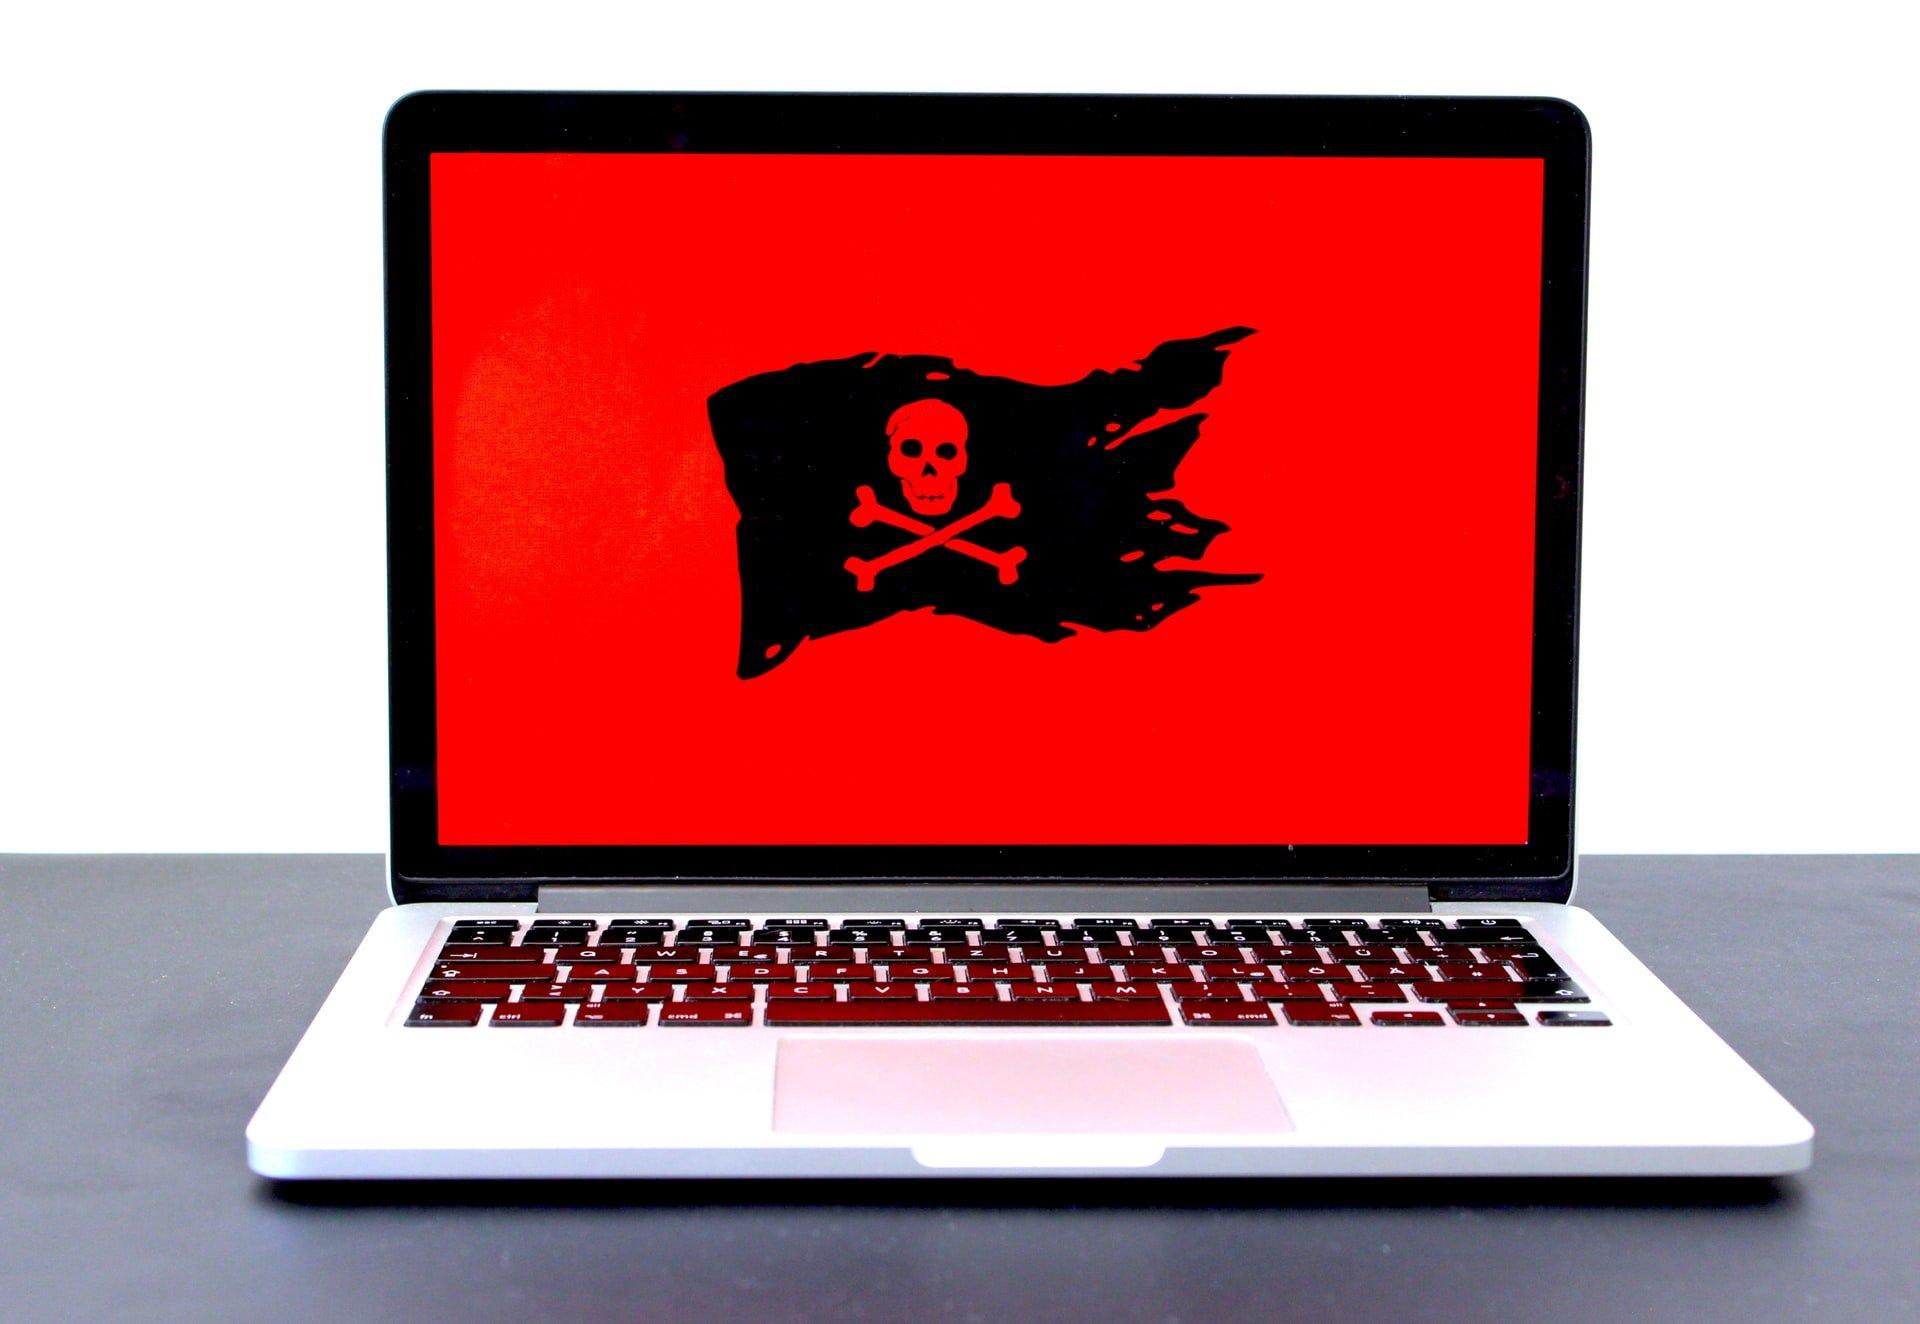 Kan investering skade datamaskinen din?